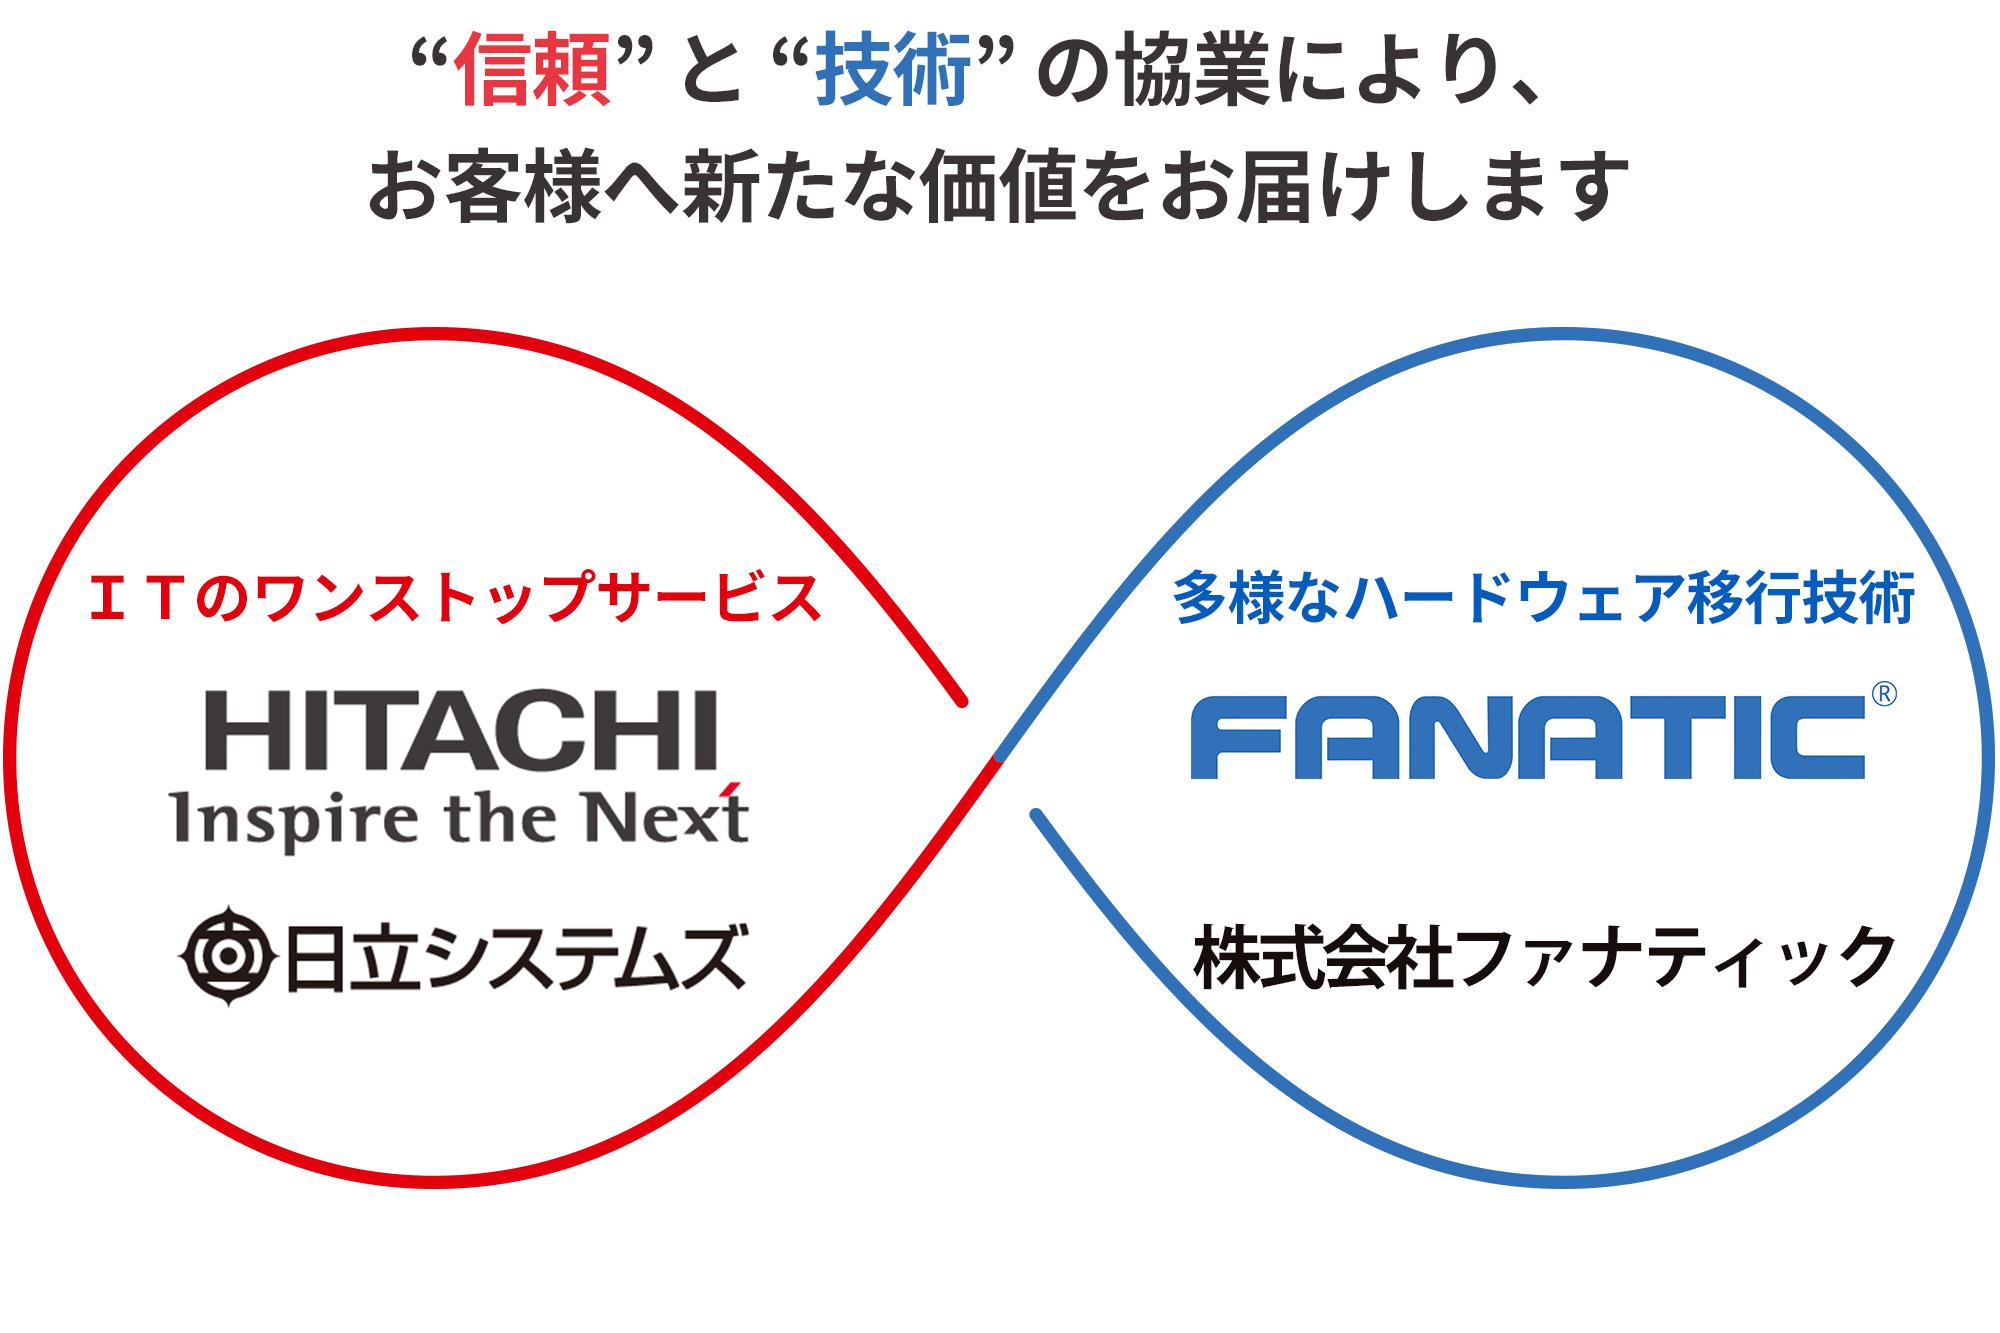 ITのワンストップサービス HITACHI × 多様なハードウェア移行技術 FANATIC